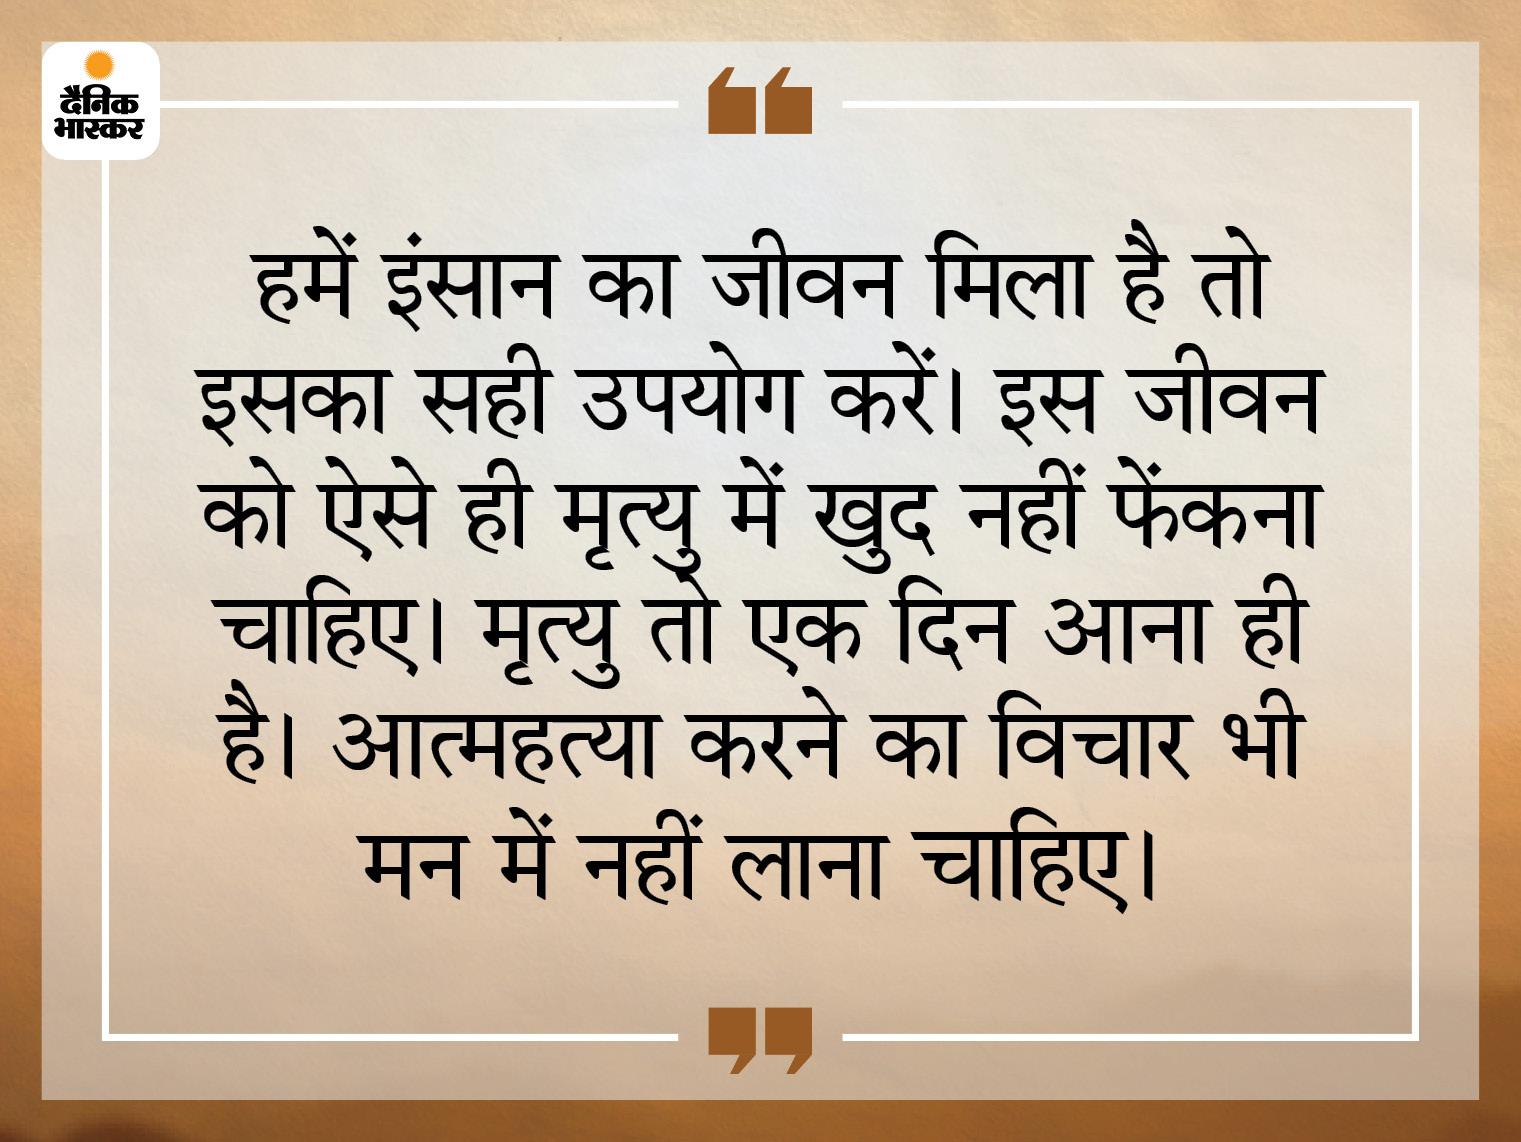 आत्महत्या जीवन का दुरुपयोग करने जैसा कदम है, जीवन जीना पुण्य का काम है|धर्म,Dharm - Dainik Bhaskar